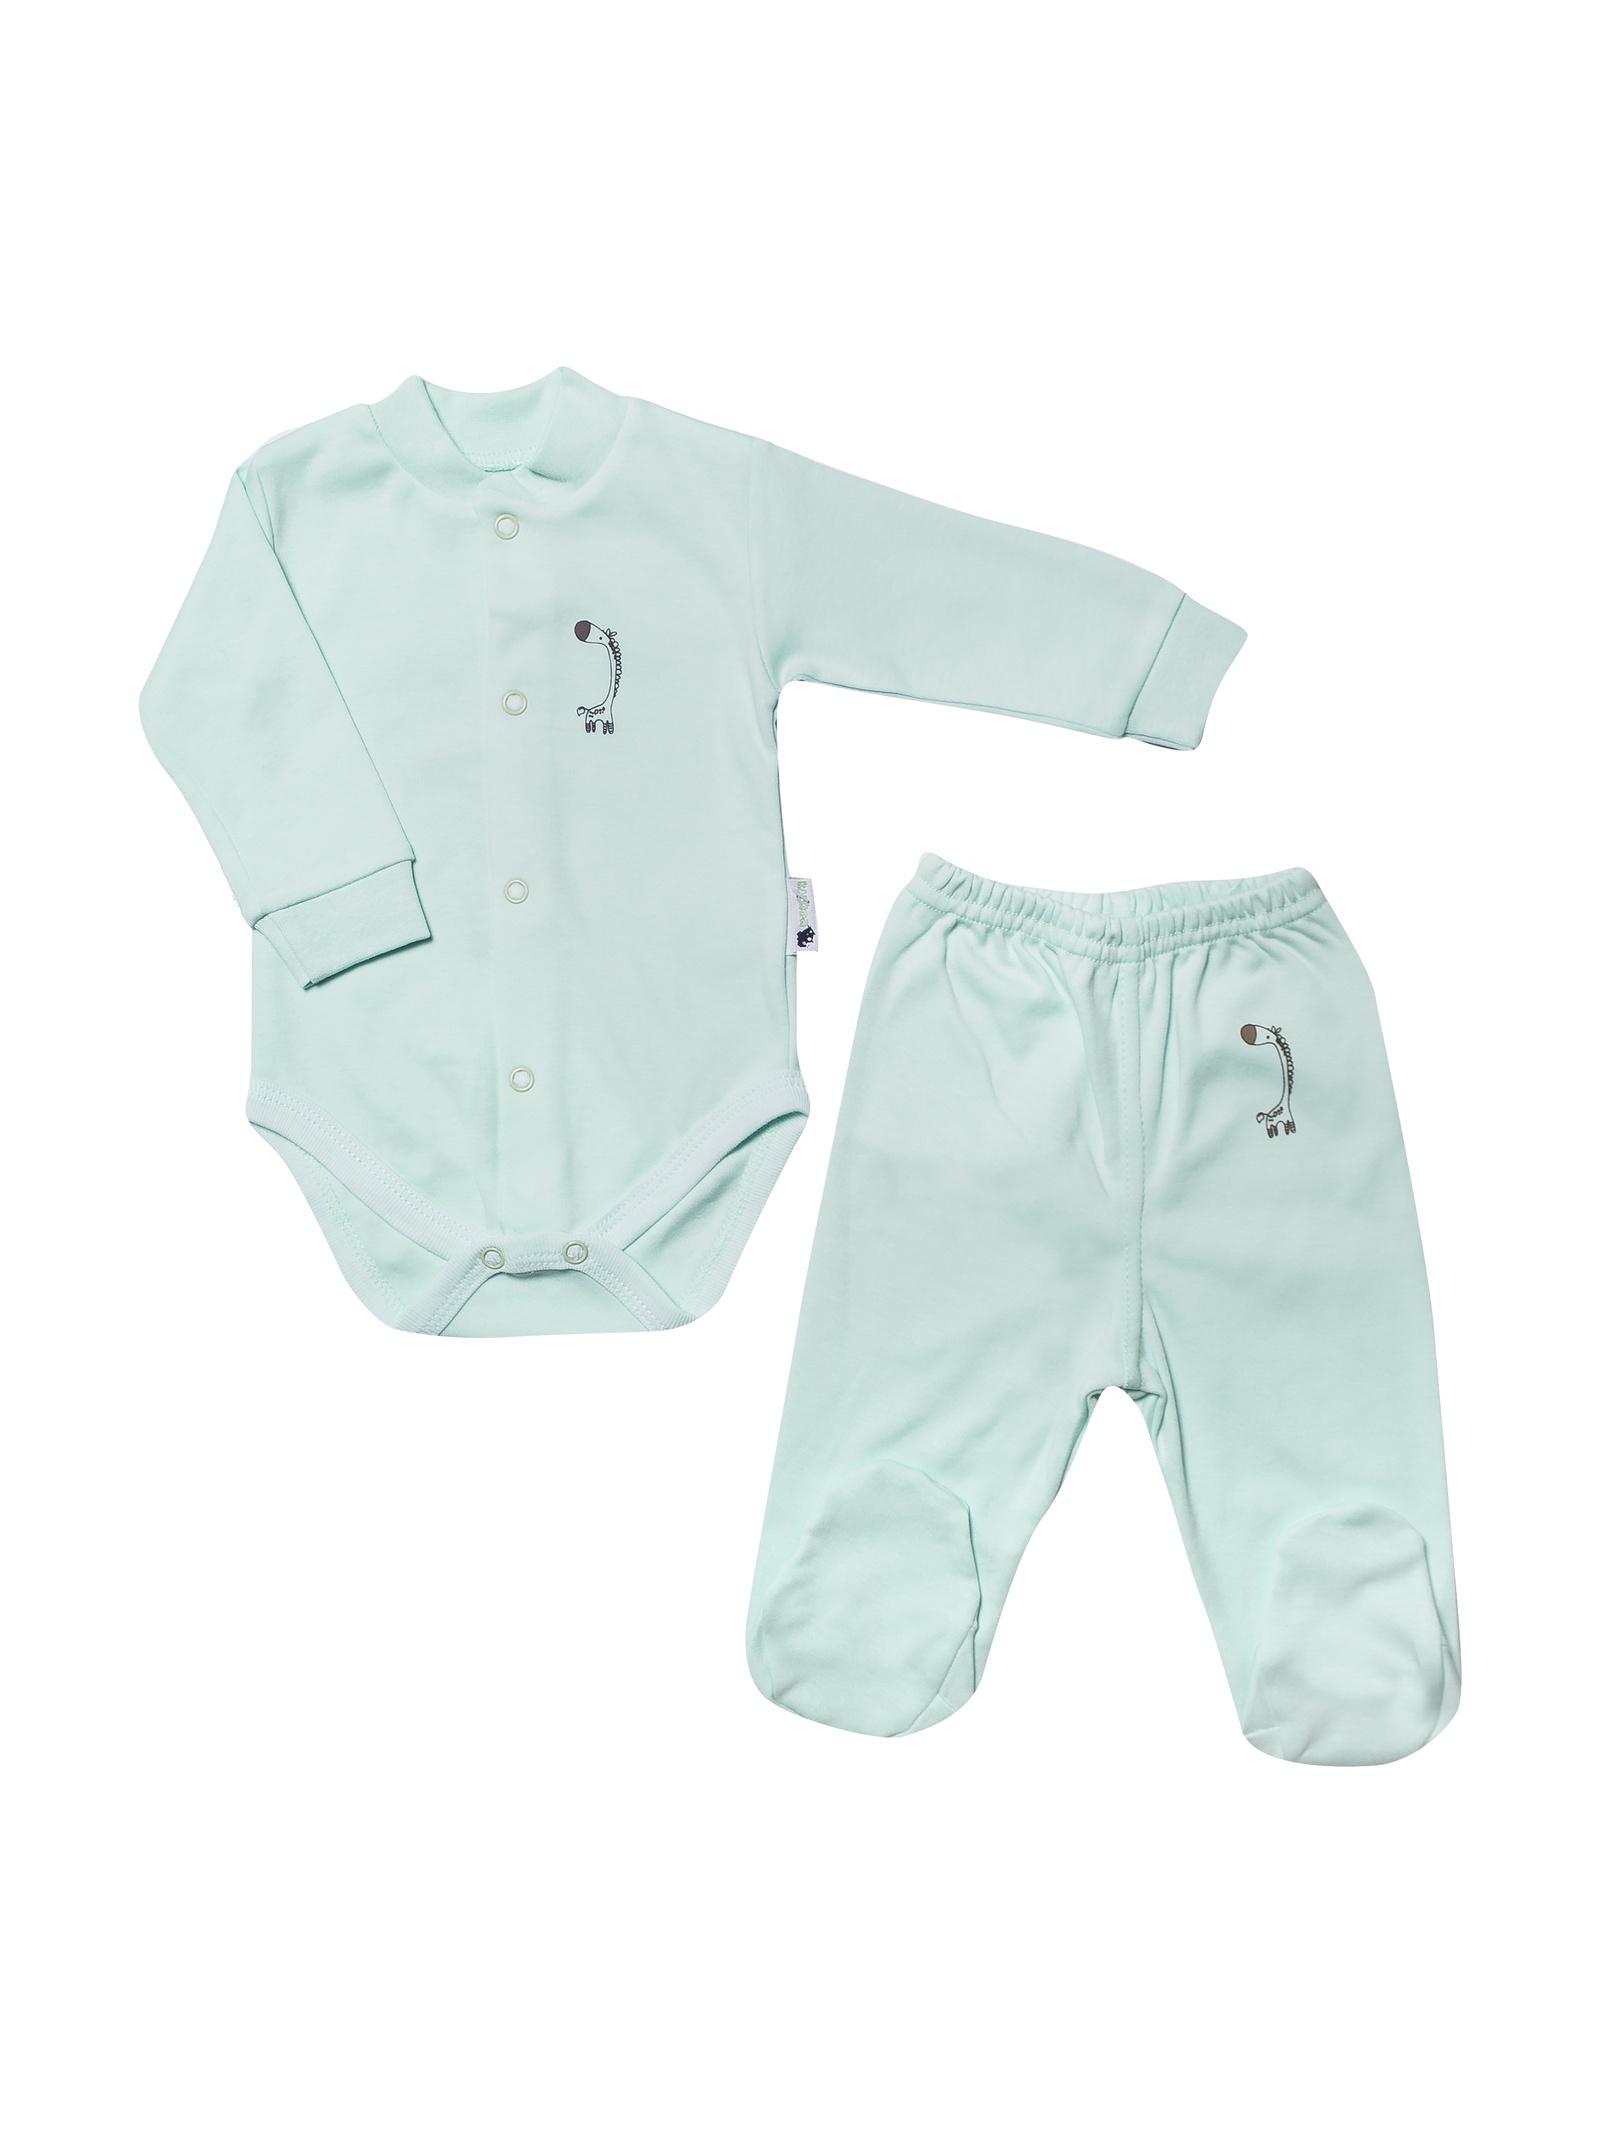 Комплект одежды ТМ Клякса комплект для мальчика клякса боди ползунки цвет экрю голубой 33к 5197 размер 80